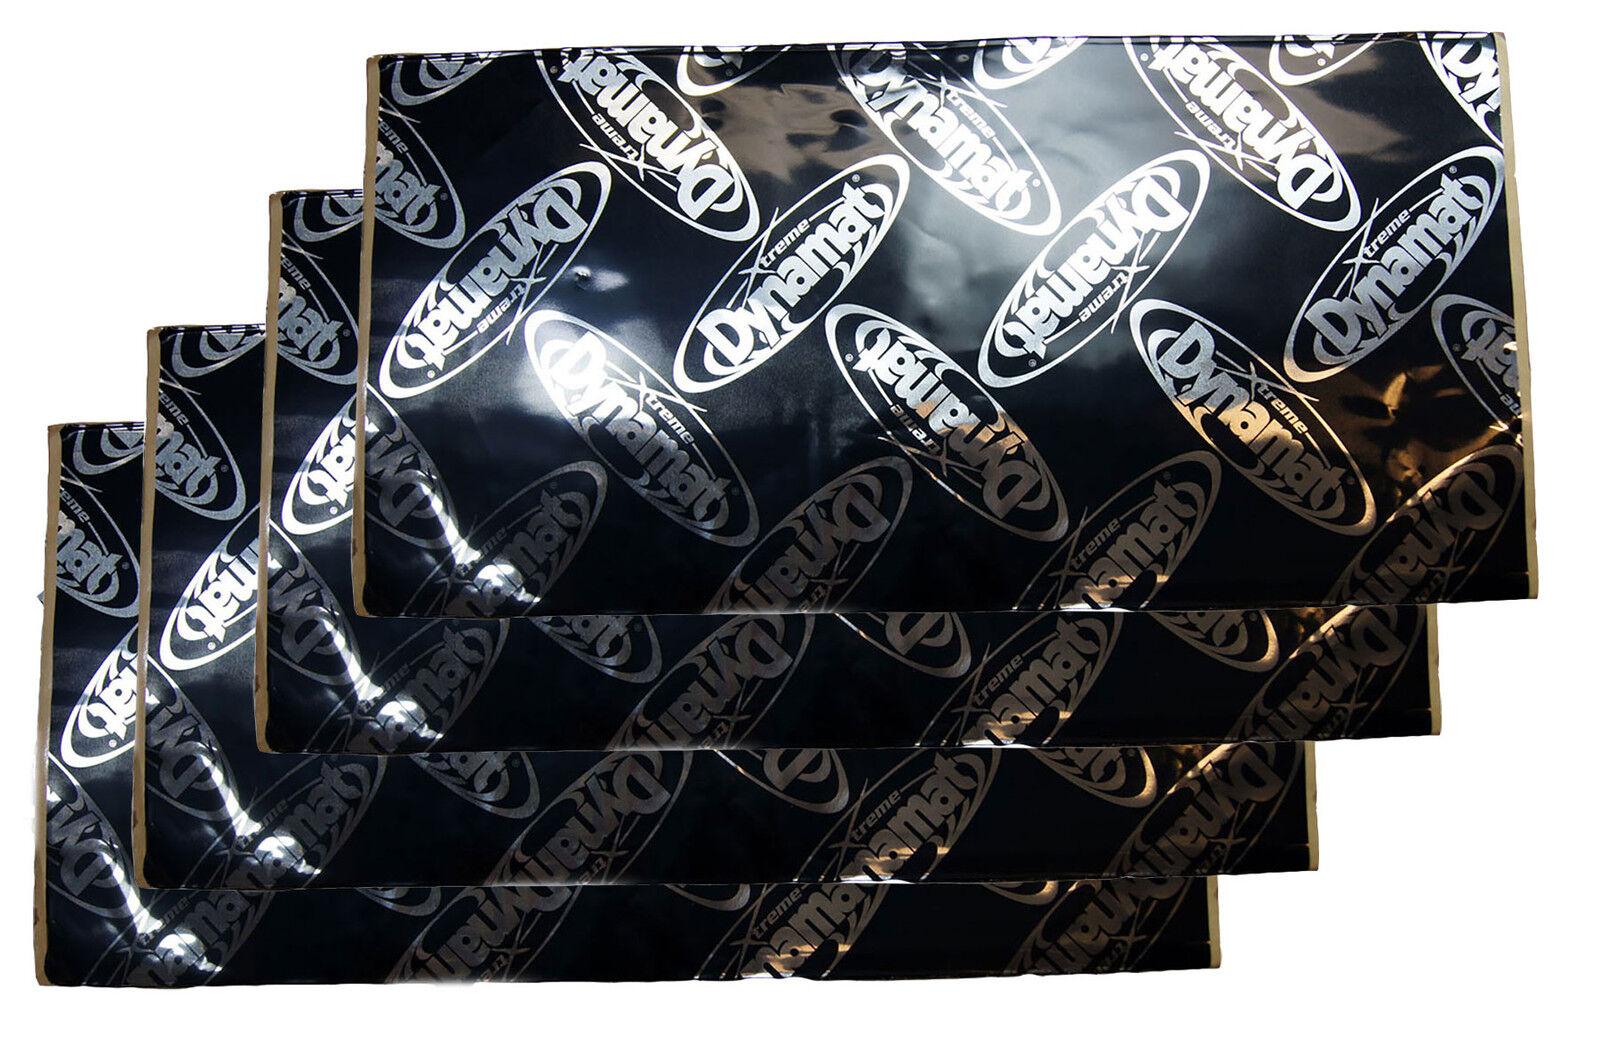 Dynamat Xtreme Extreme Paquete a granel 6 EA Hojas 24 pies cuadrados cantidad 6